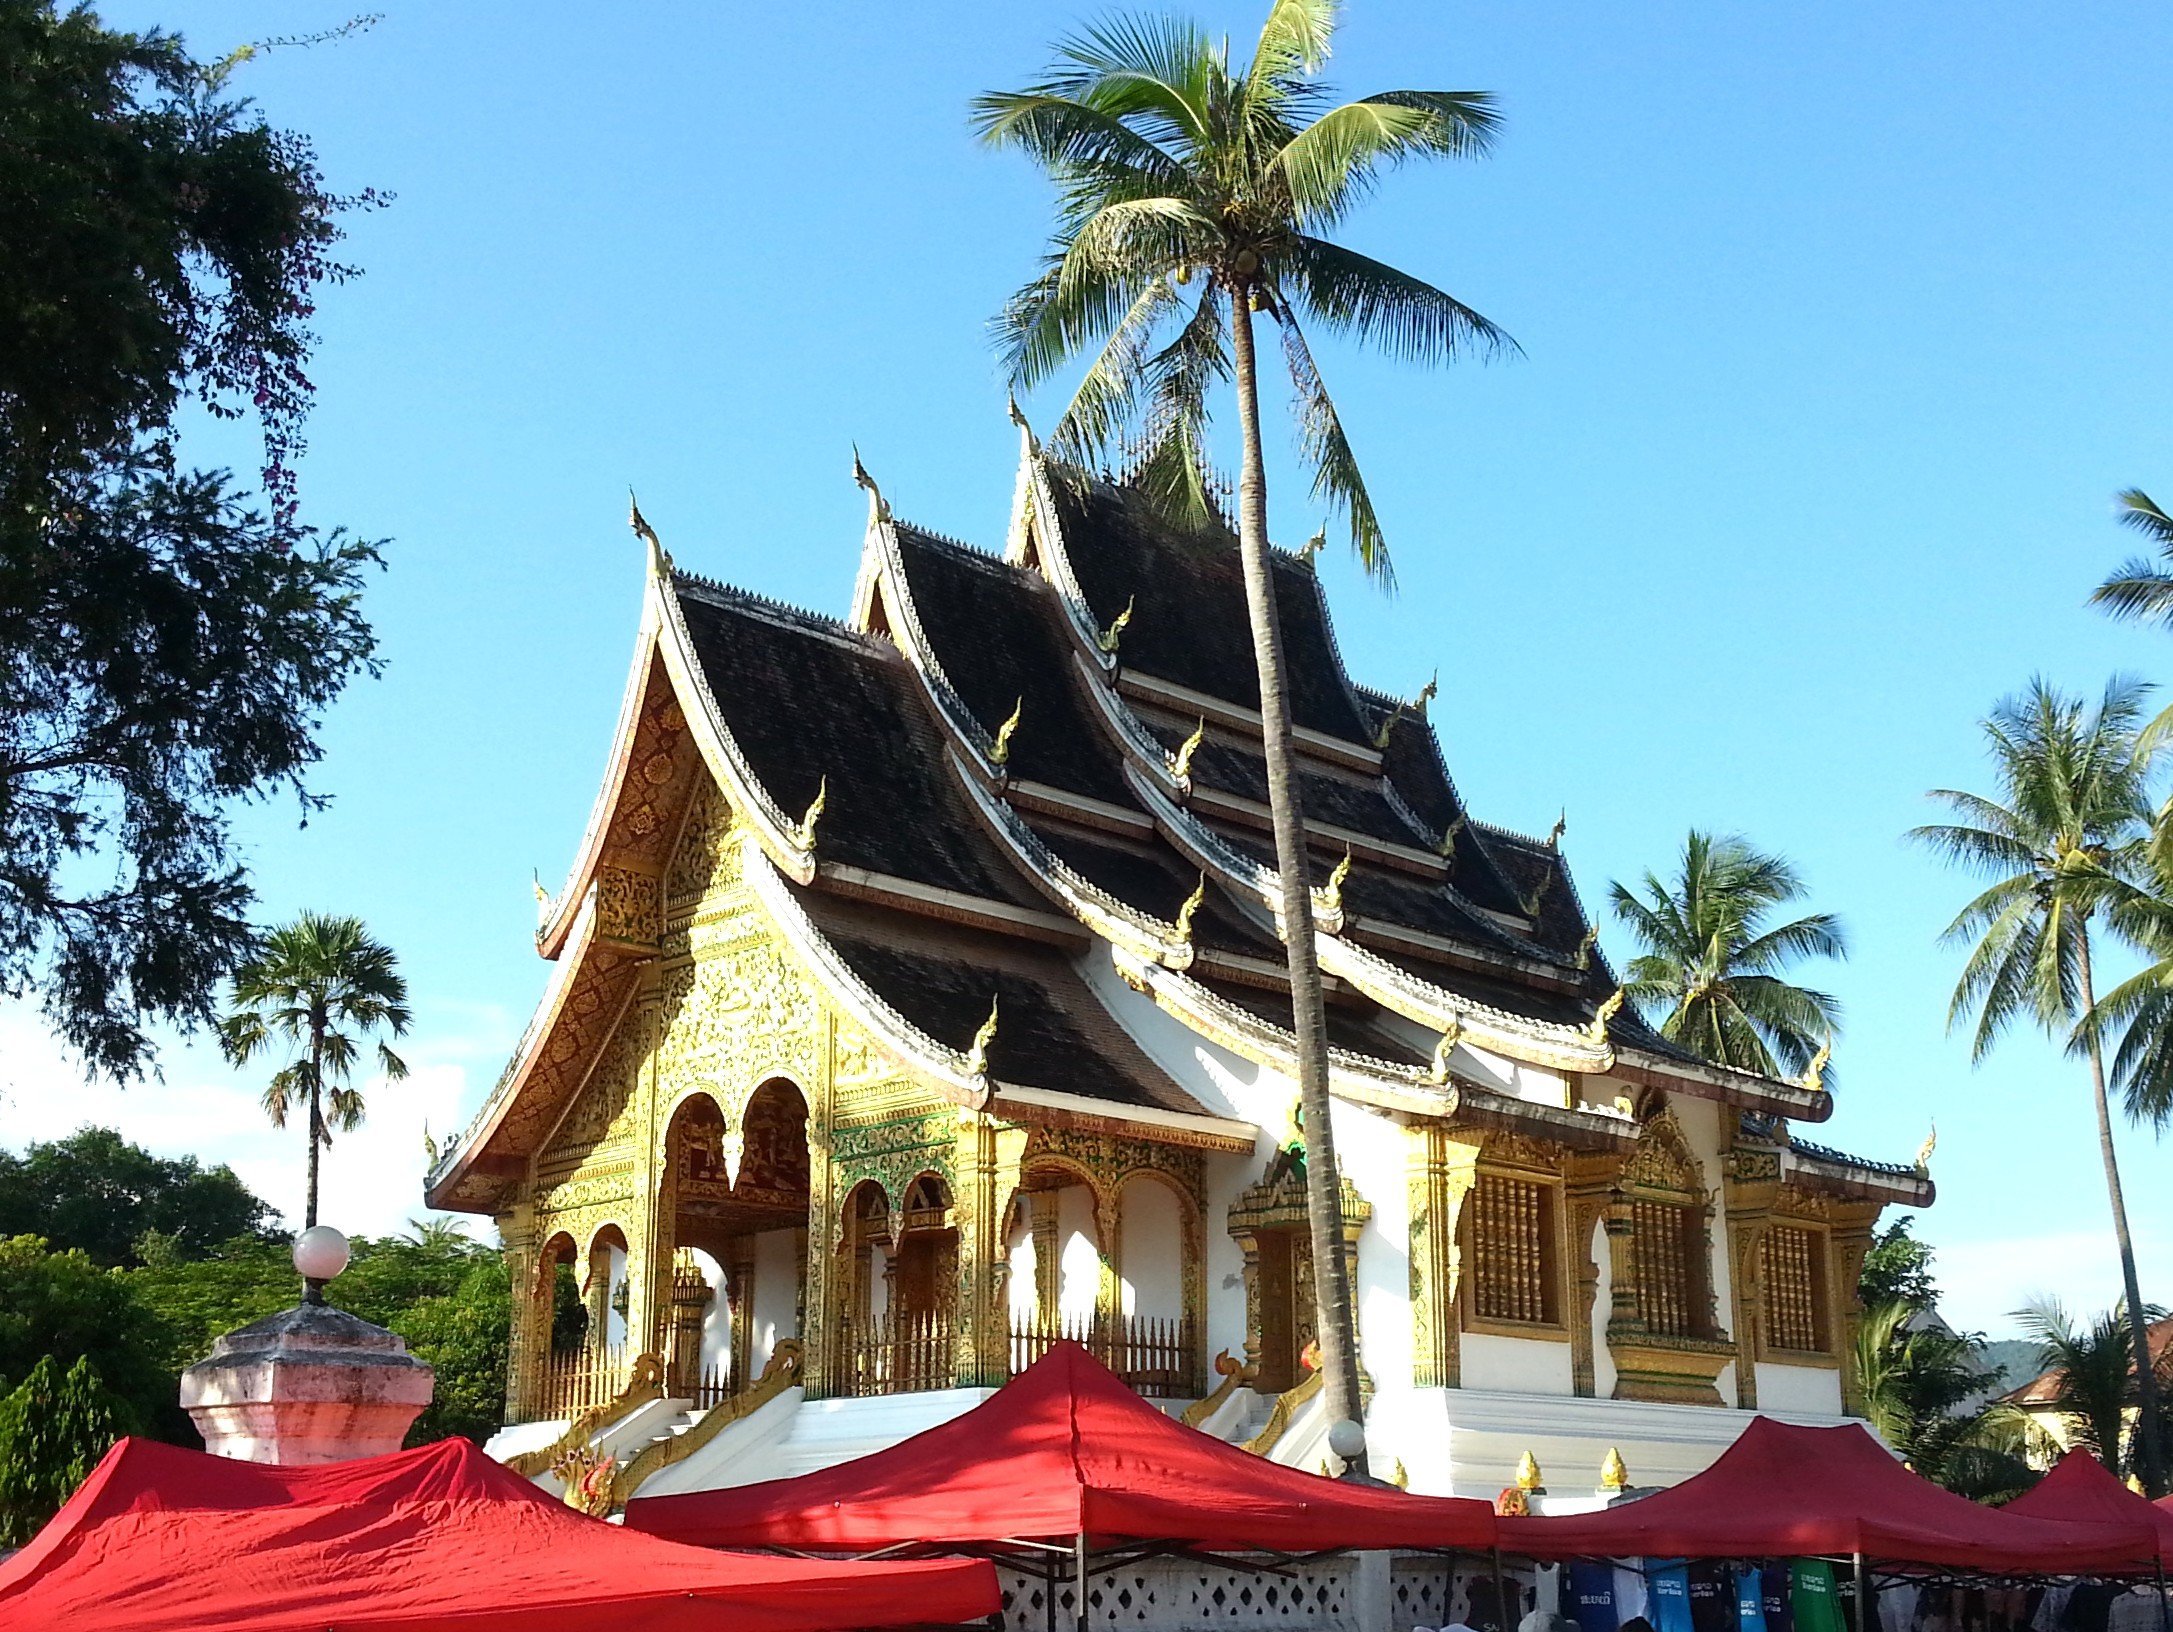 Wat Haw Pha Bang in Luang Prabang